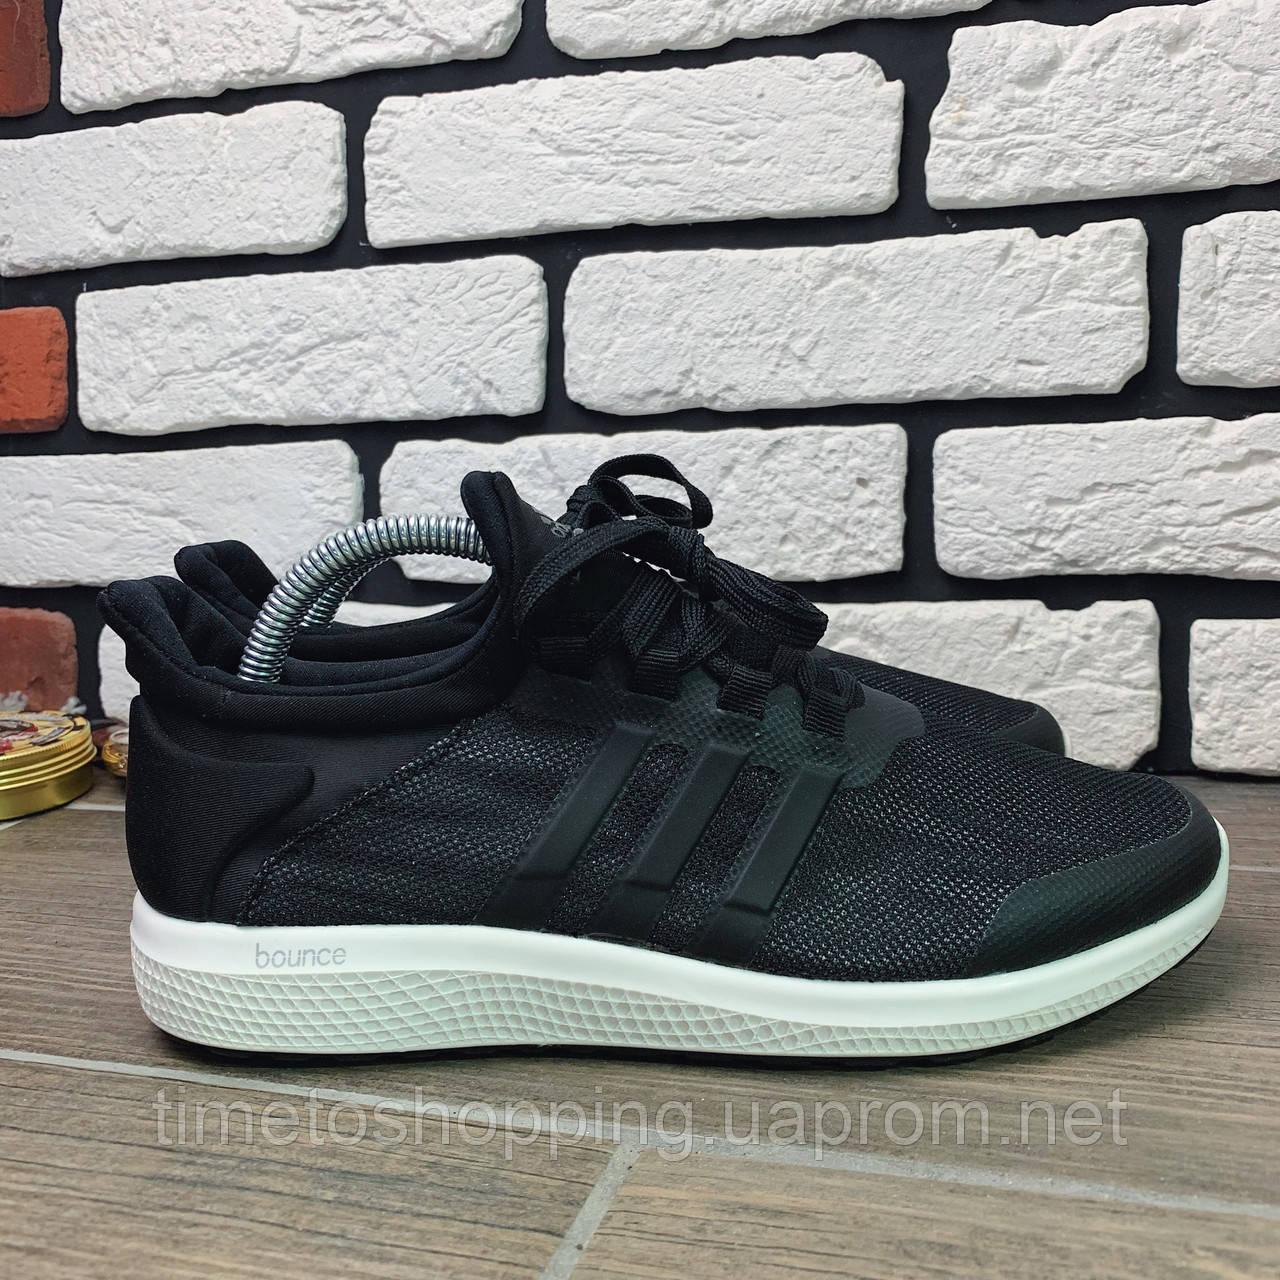 Кроссовки женские Adidas Bounce 30790 ⏩ [ 40> ]